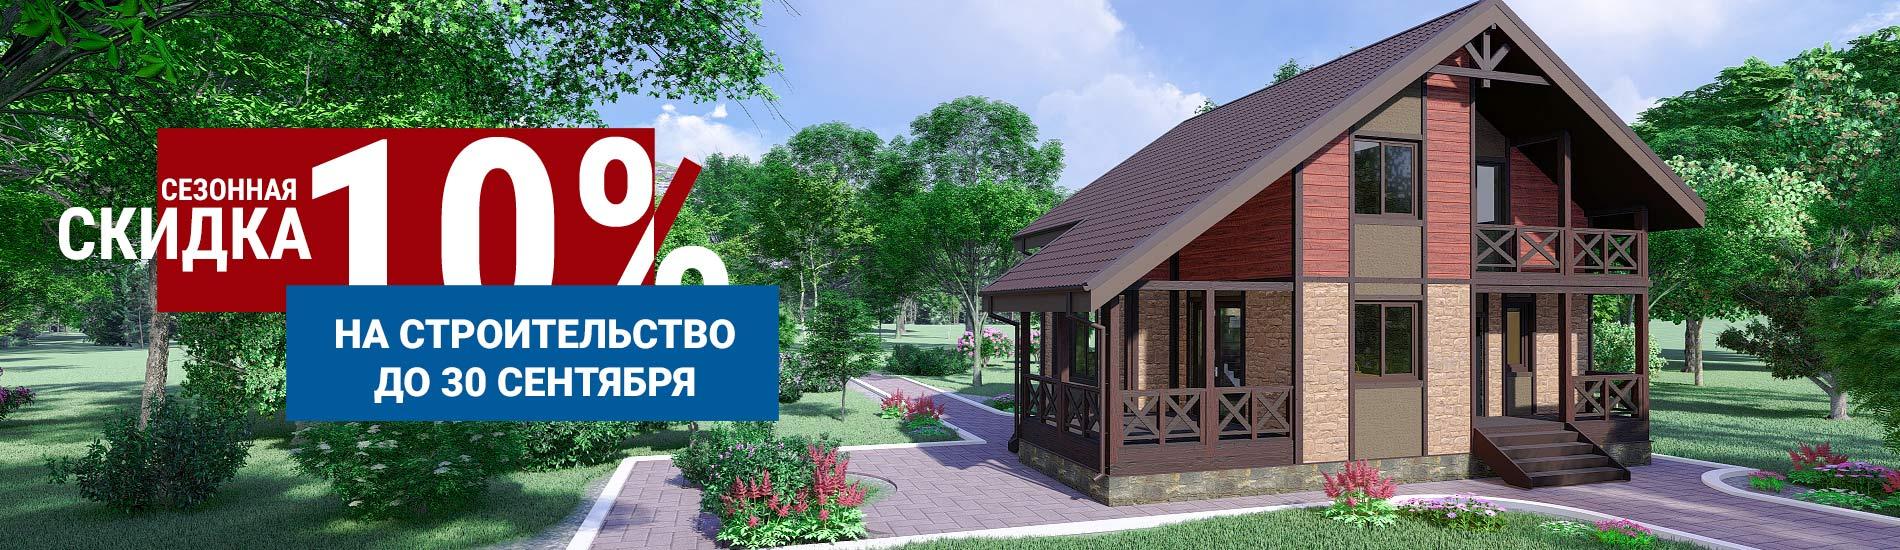 Фотография дома с информацией о акции от компании СК Дом Мастеров при заказе строительства каркасного дома под ключ 10% скидка.